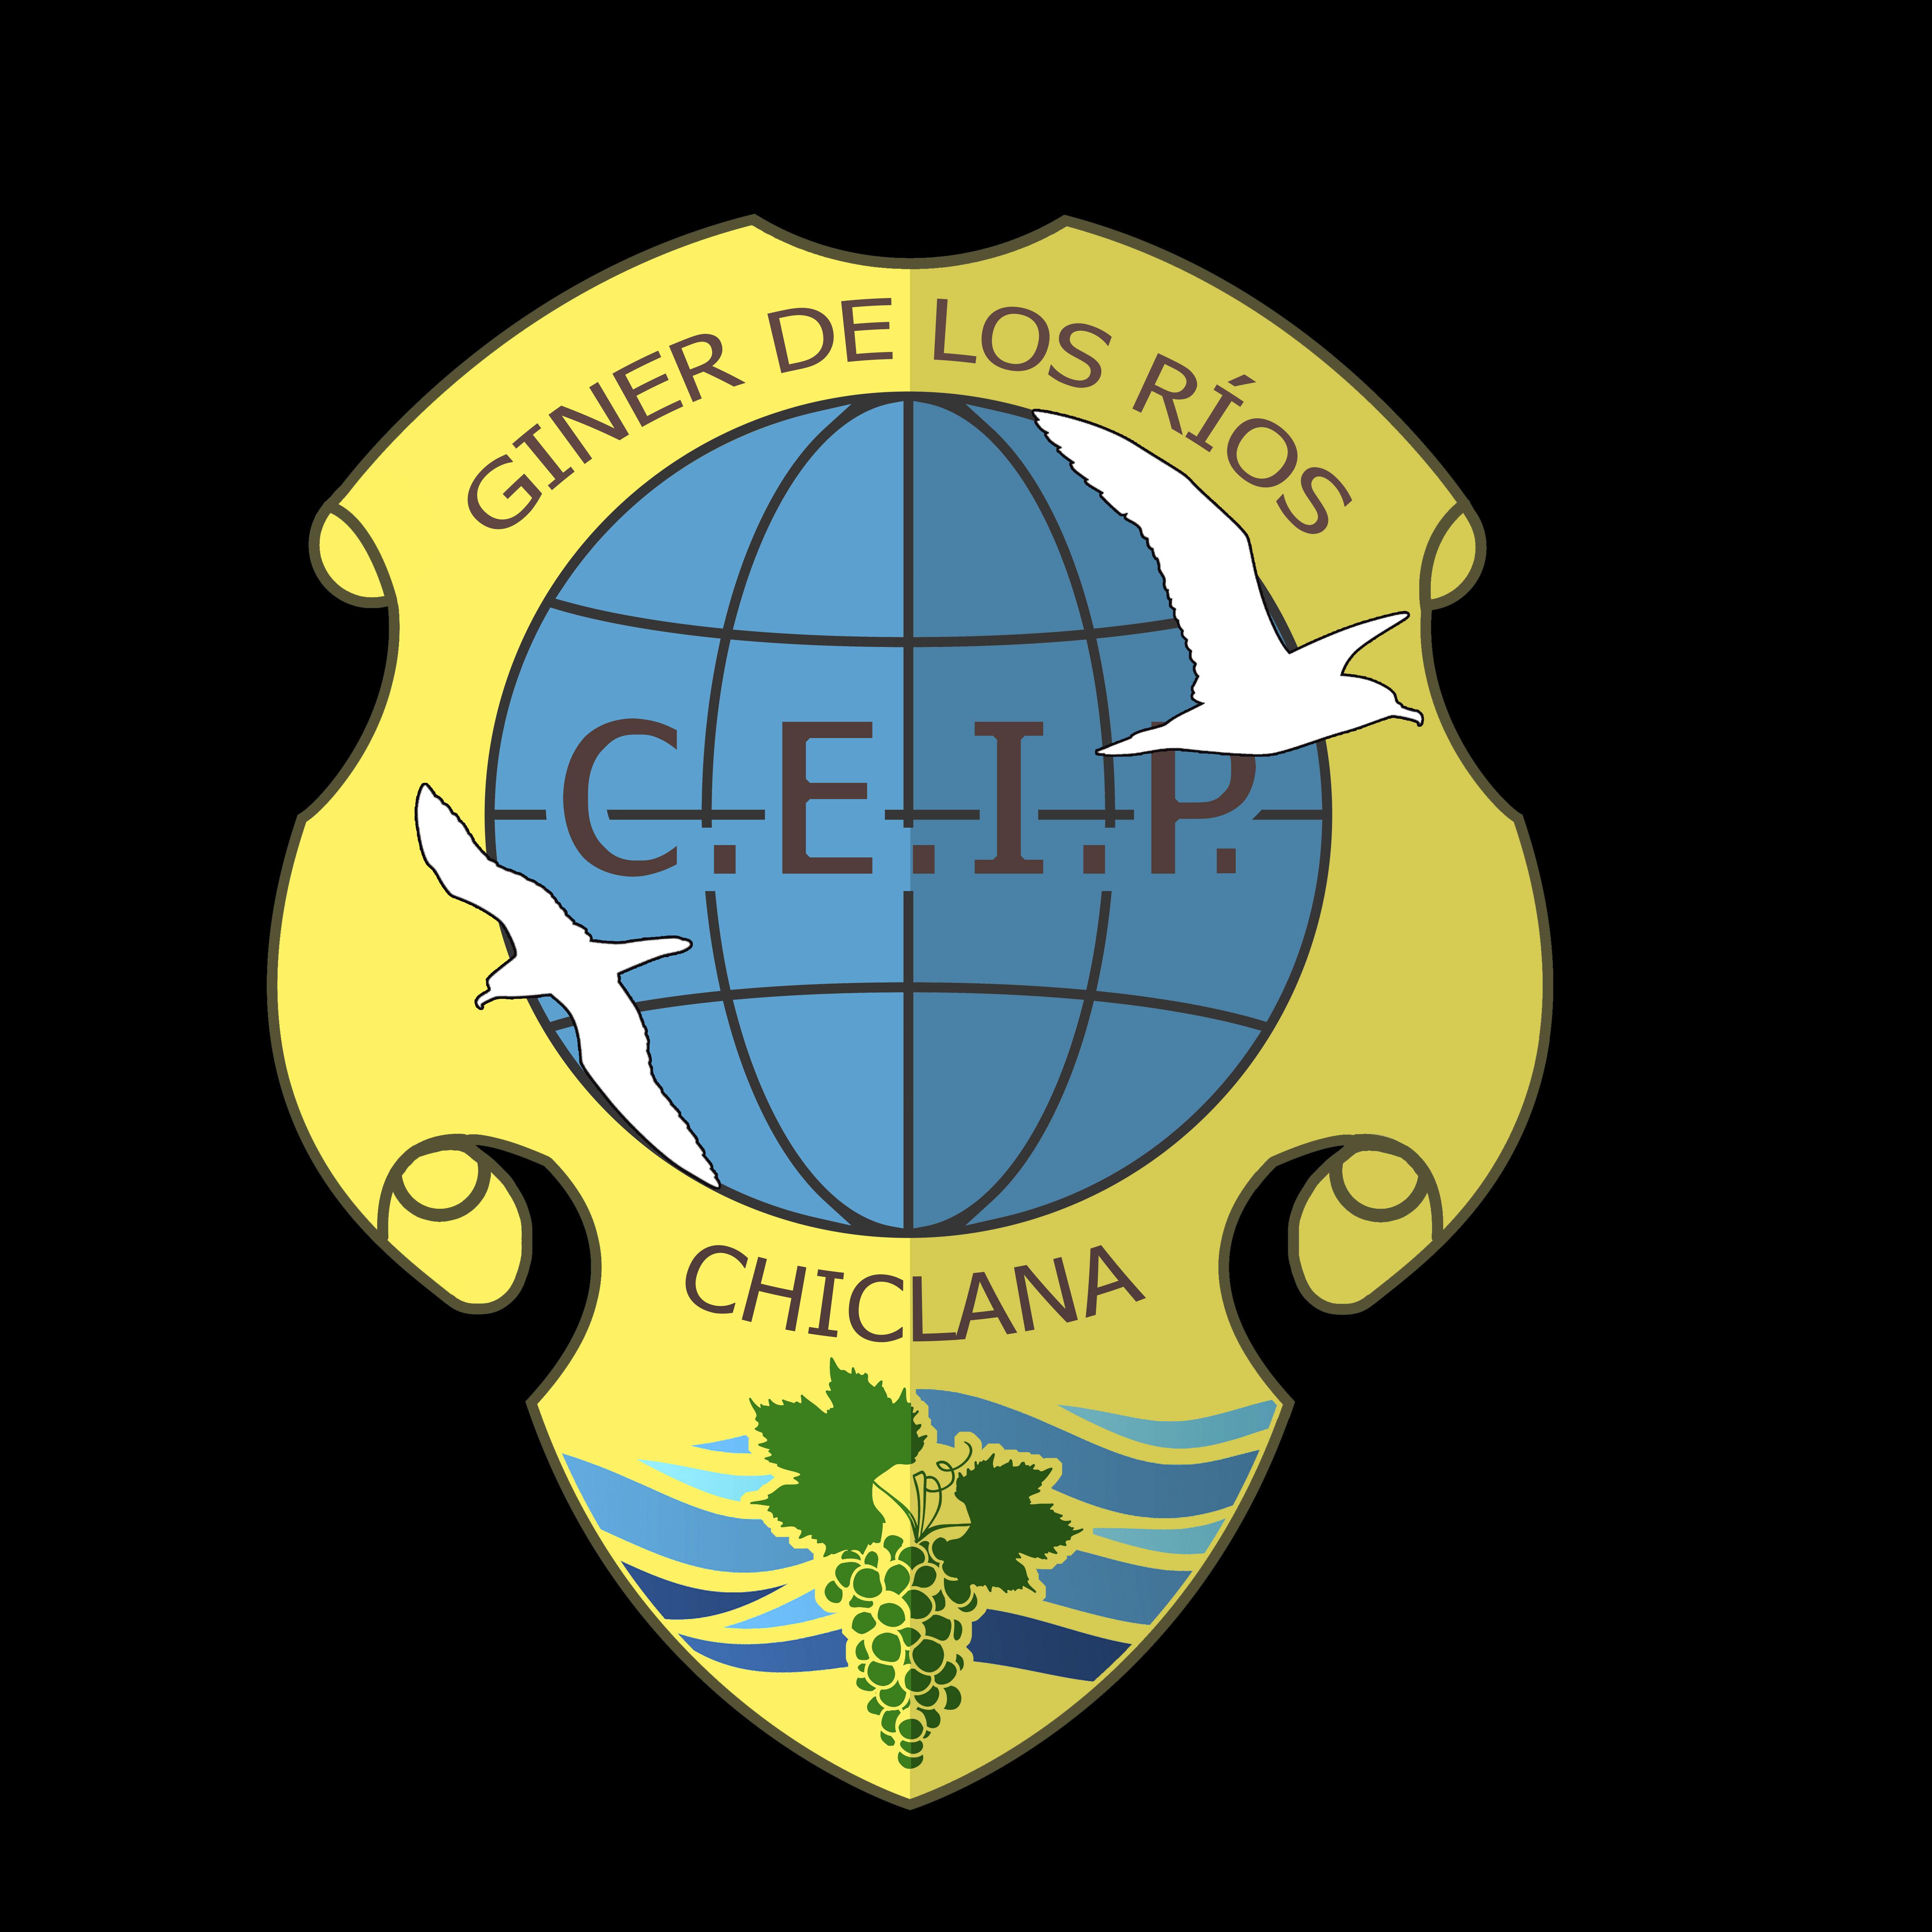 Logo Giner de los Ríos